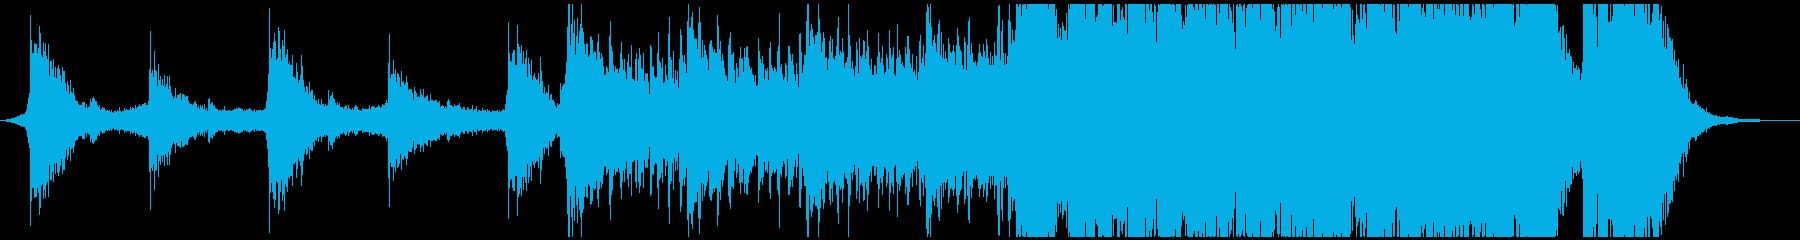 ハリウッド映画予告編風のパワフルな曲の再生済みの波形